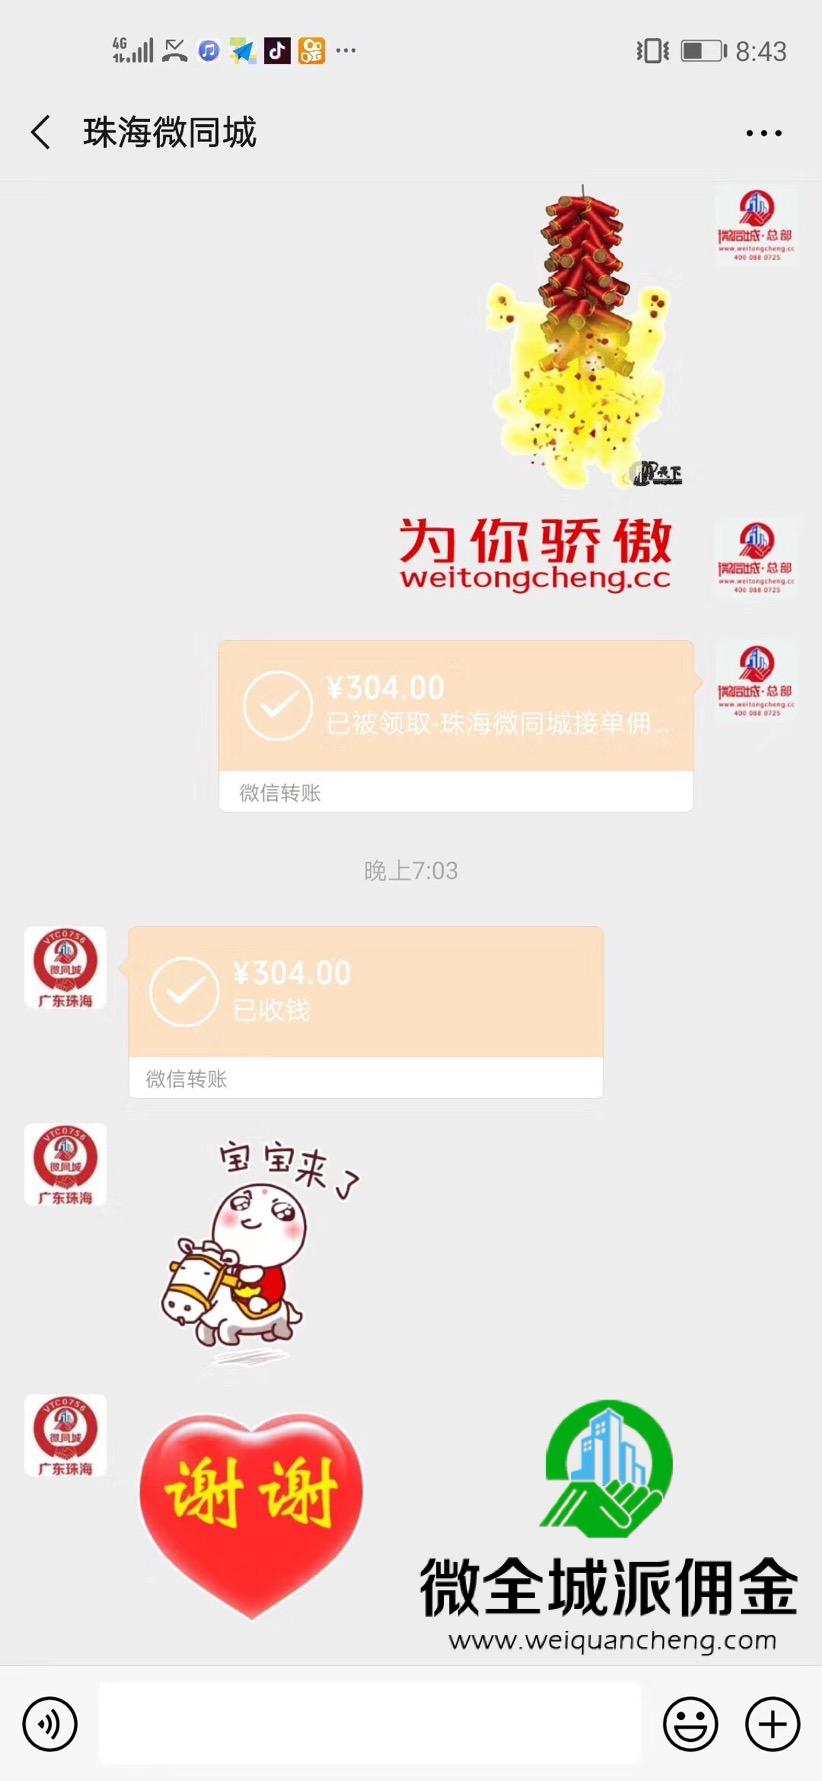 【赚304元】深圳微全城微帮广告佣金